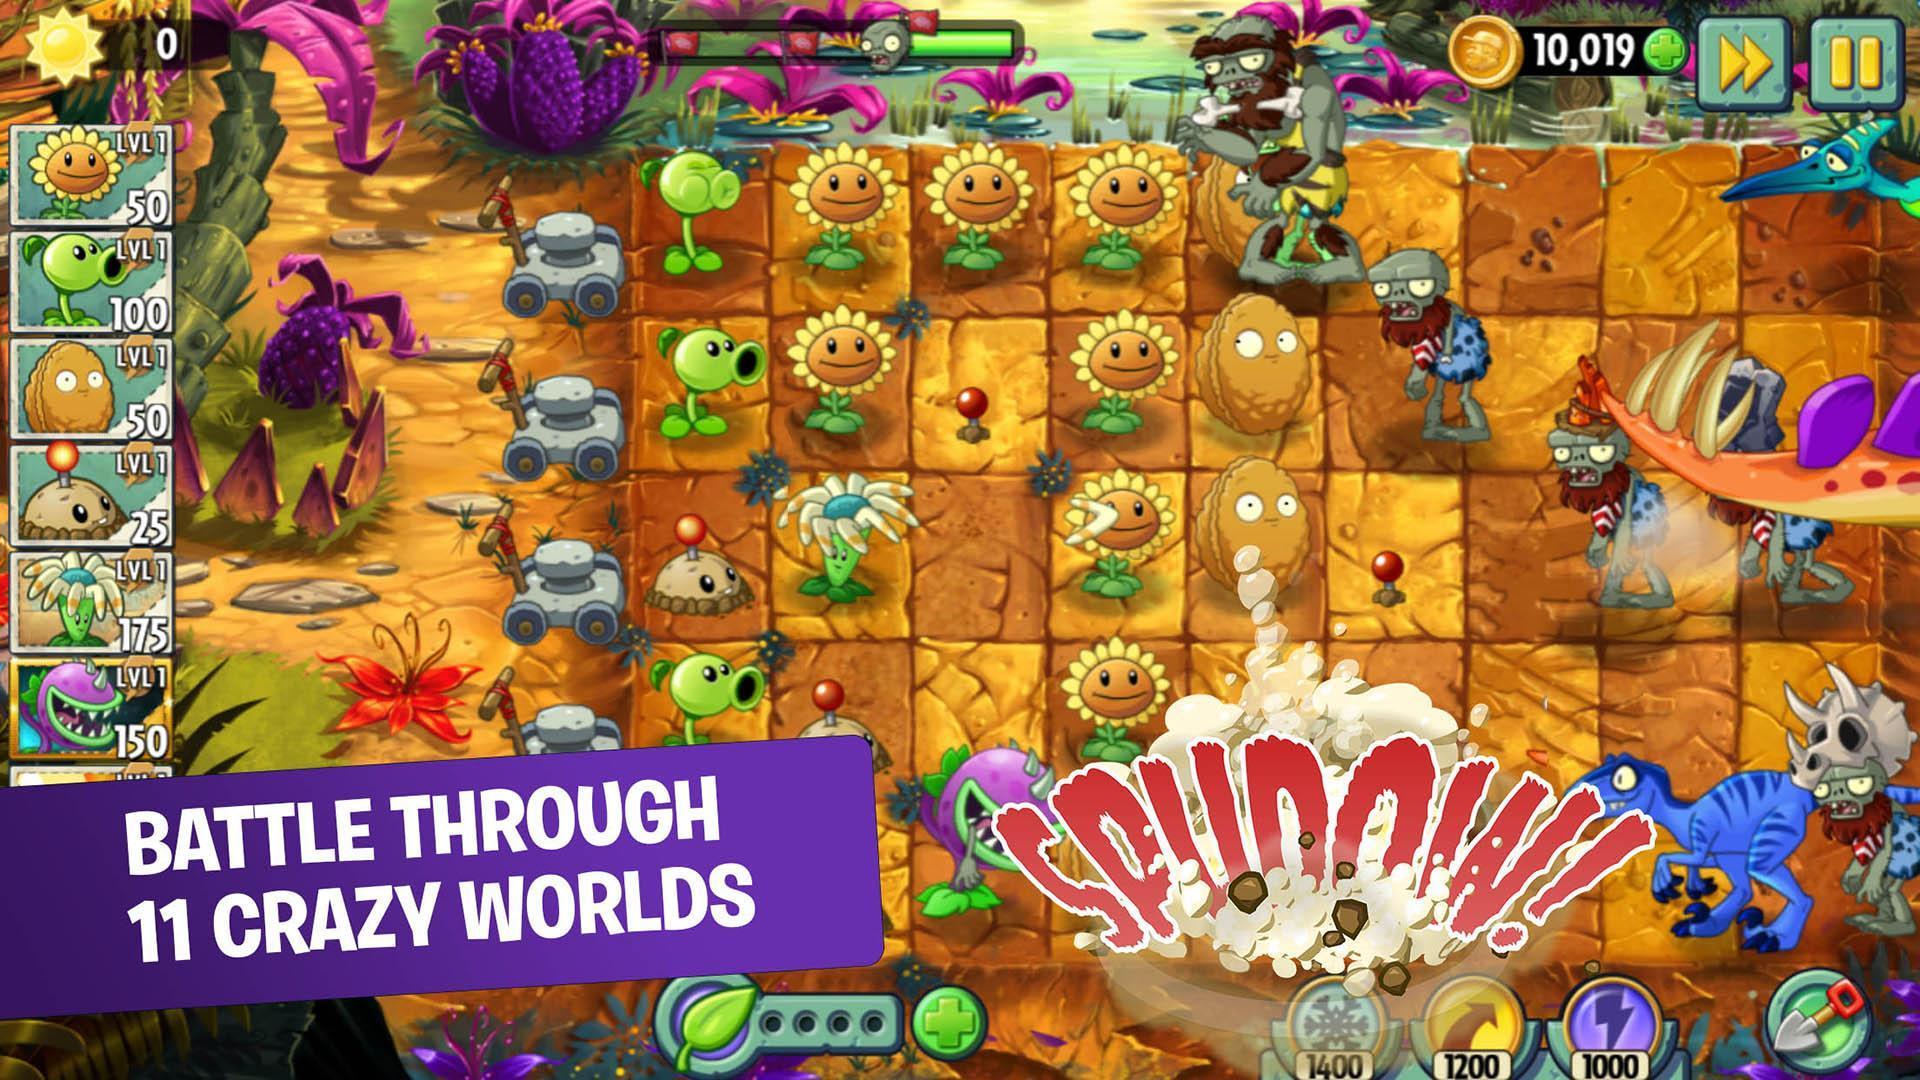 plants vs zombies 2 game offline 15 Rekomendasi Game Offline Android Terbaik 2020 Plants Vs Zombies 2